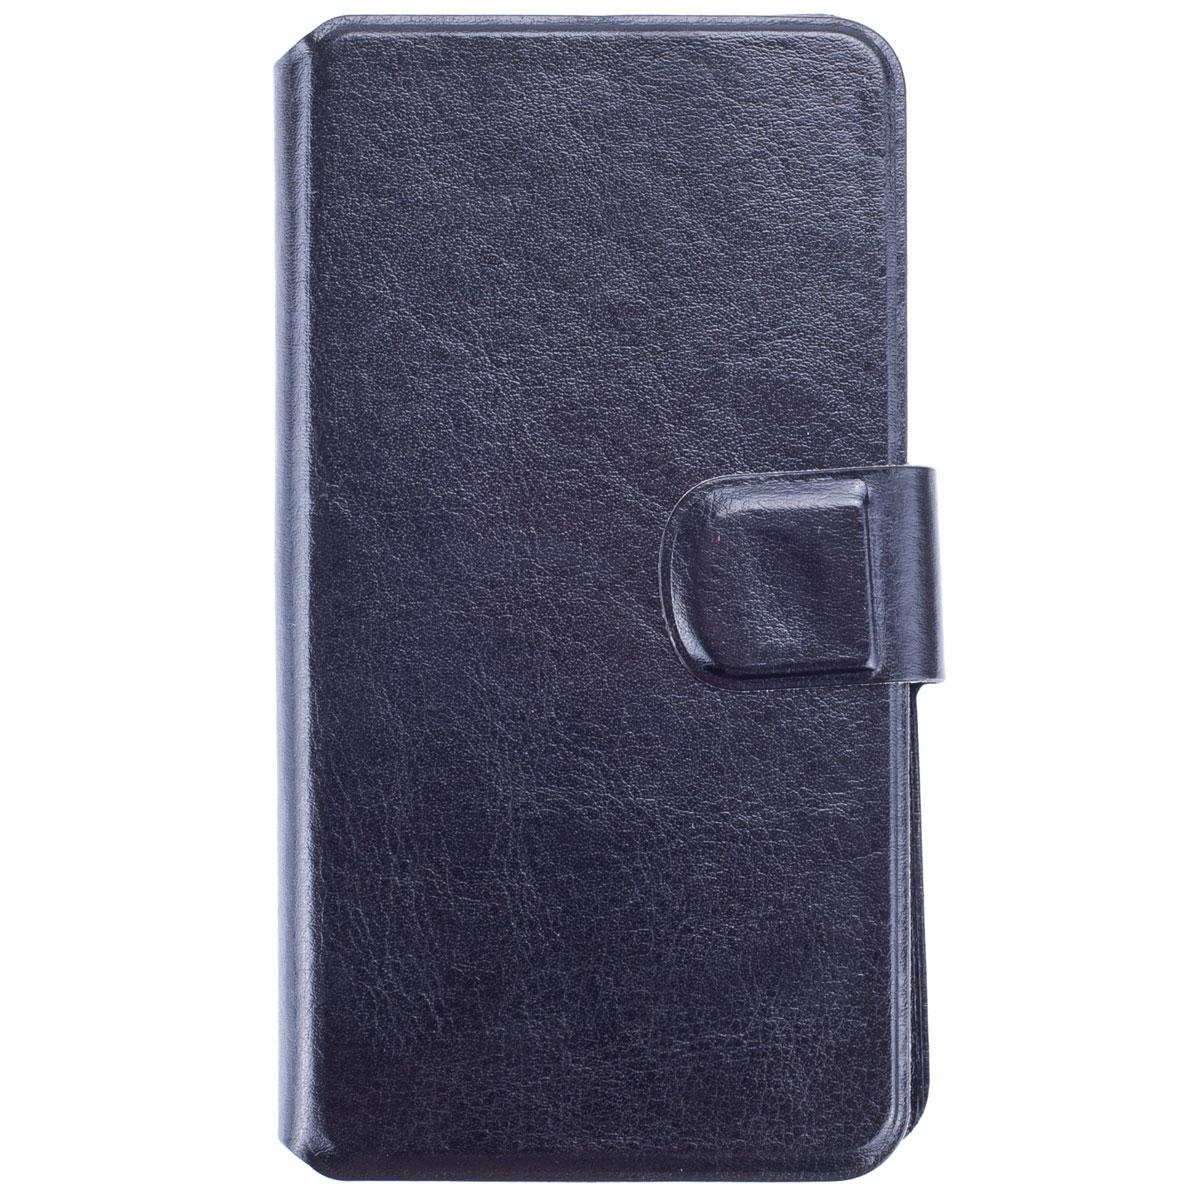 Skinbox Slide Sticker чехол для смартфонов 5, BlackT-S-U5.0Чехол Skinbox Slide Sticker выполнен из высококачественного поликарбоната и экокожи. Он обеспечивает надежную защиту корпуса и экрана смартфона и надолго сохраняет его привлекательный внешний вид. Чехол также обеспечивает свободный доступ ко всем разъемам и клавишам устройства.